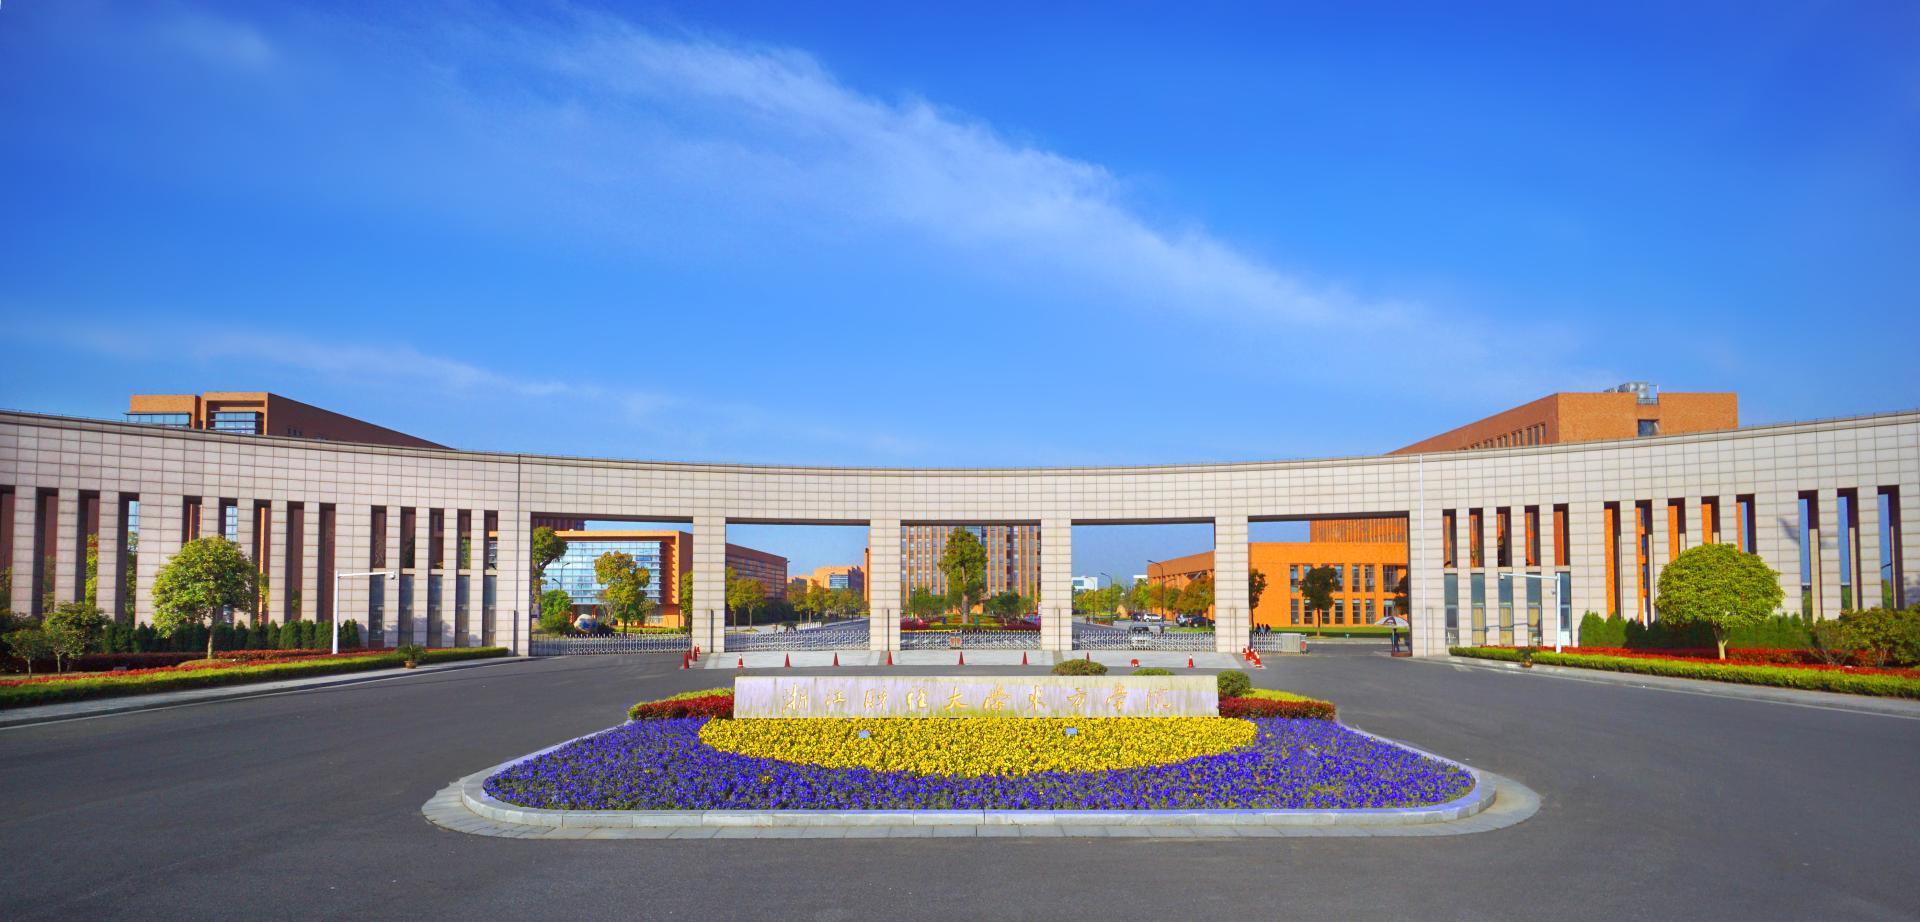 2018年,浙江省录取分数最高的十所大学,这才是